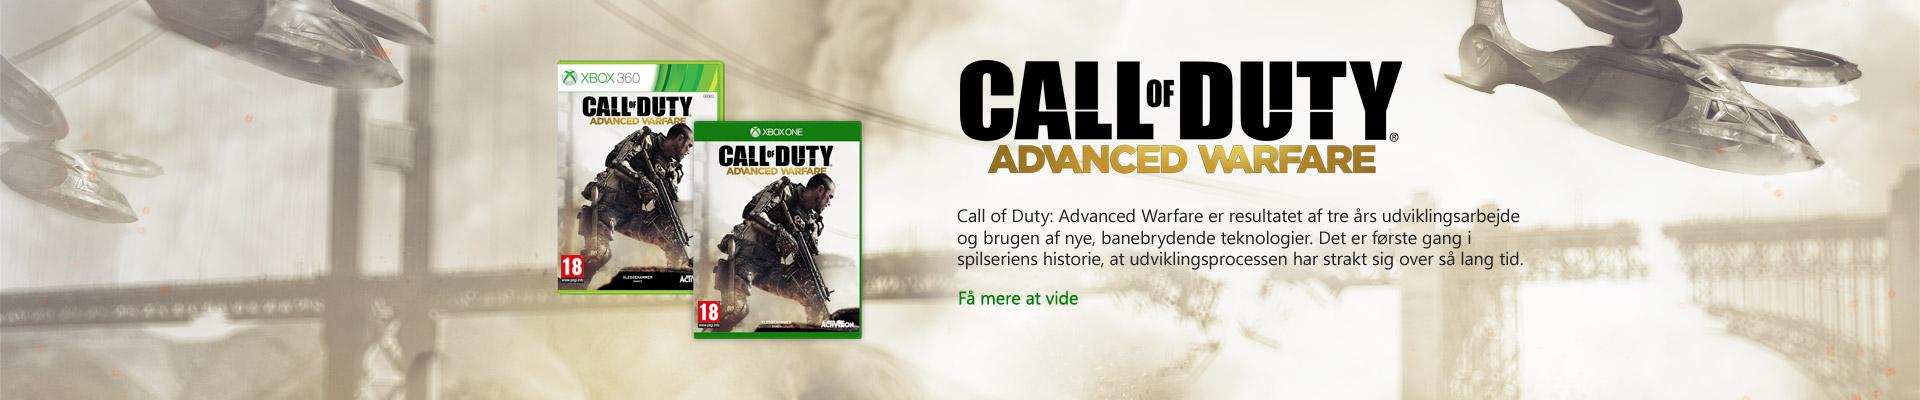 cod-advanced-warfare for Xbox One